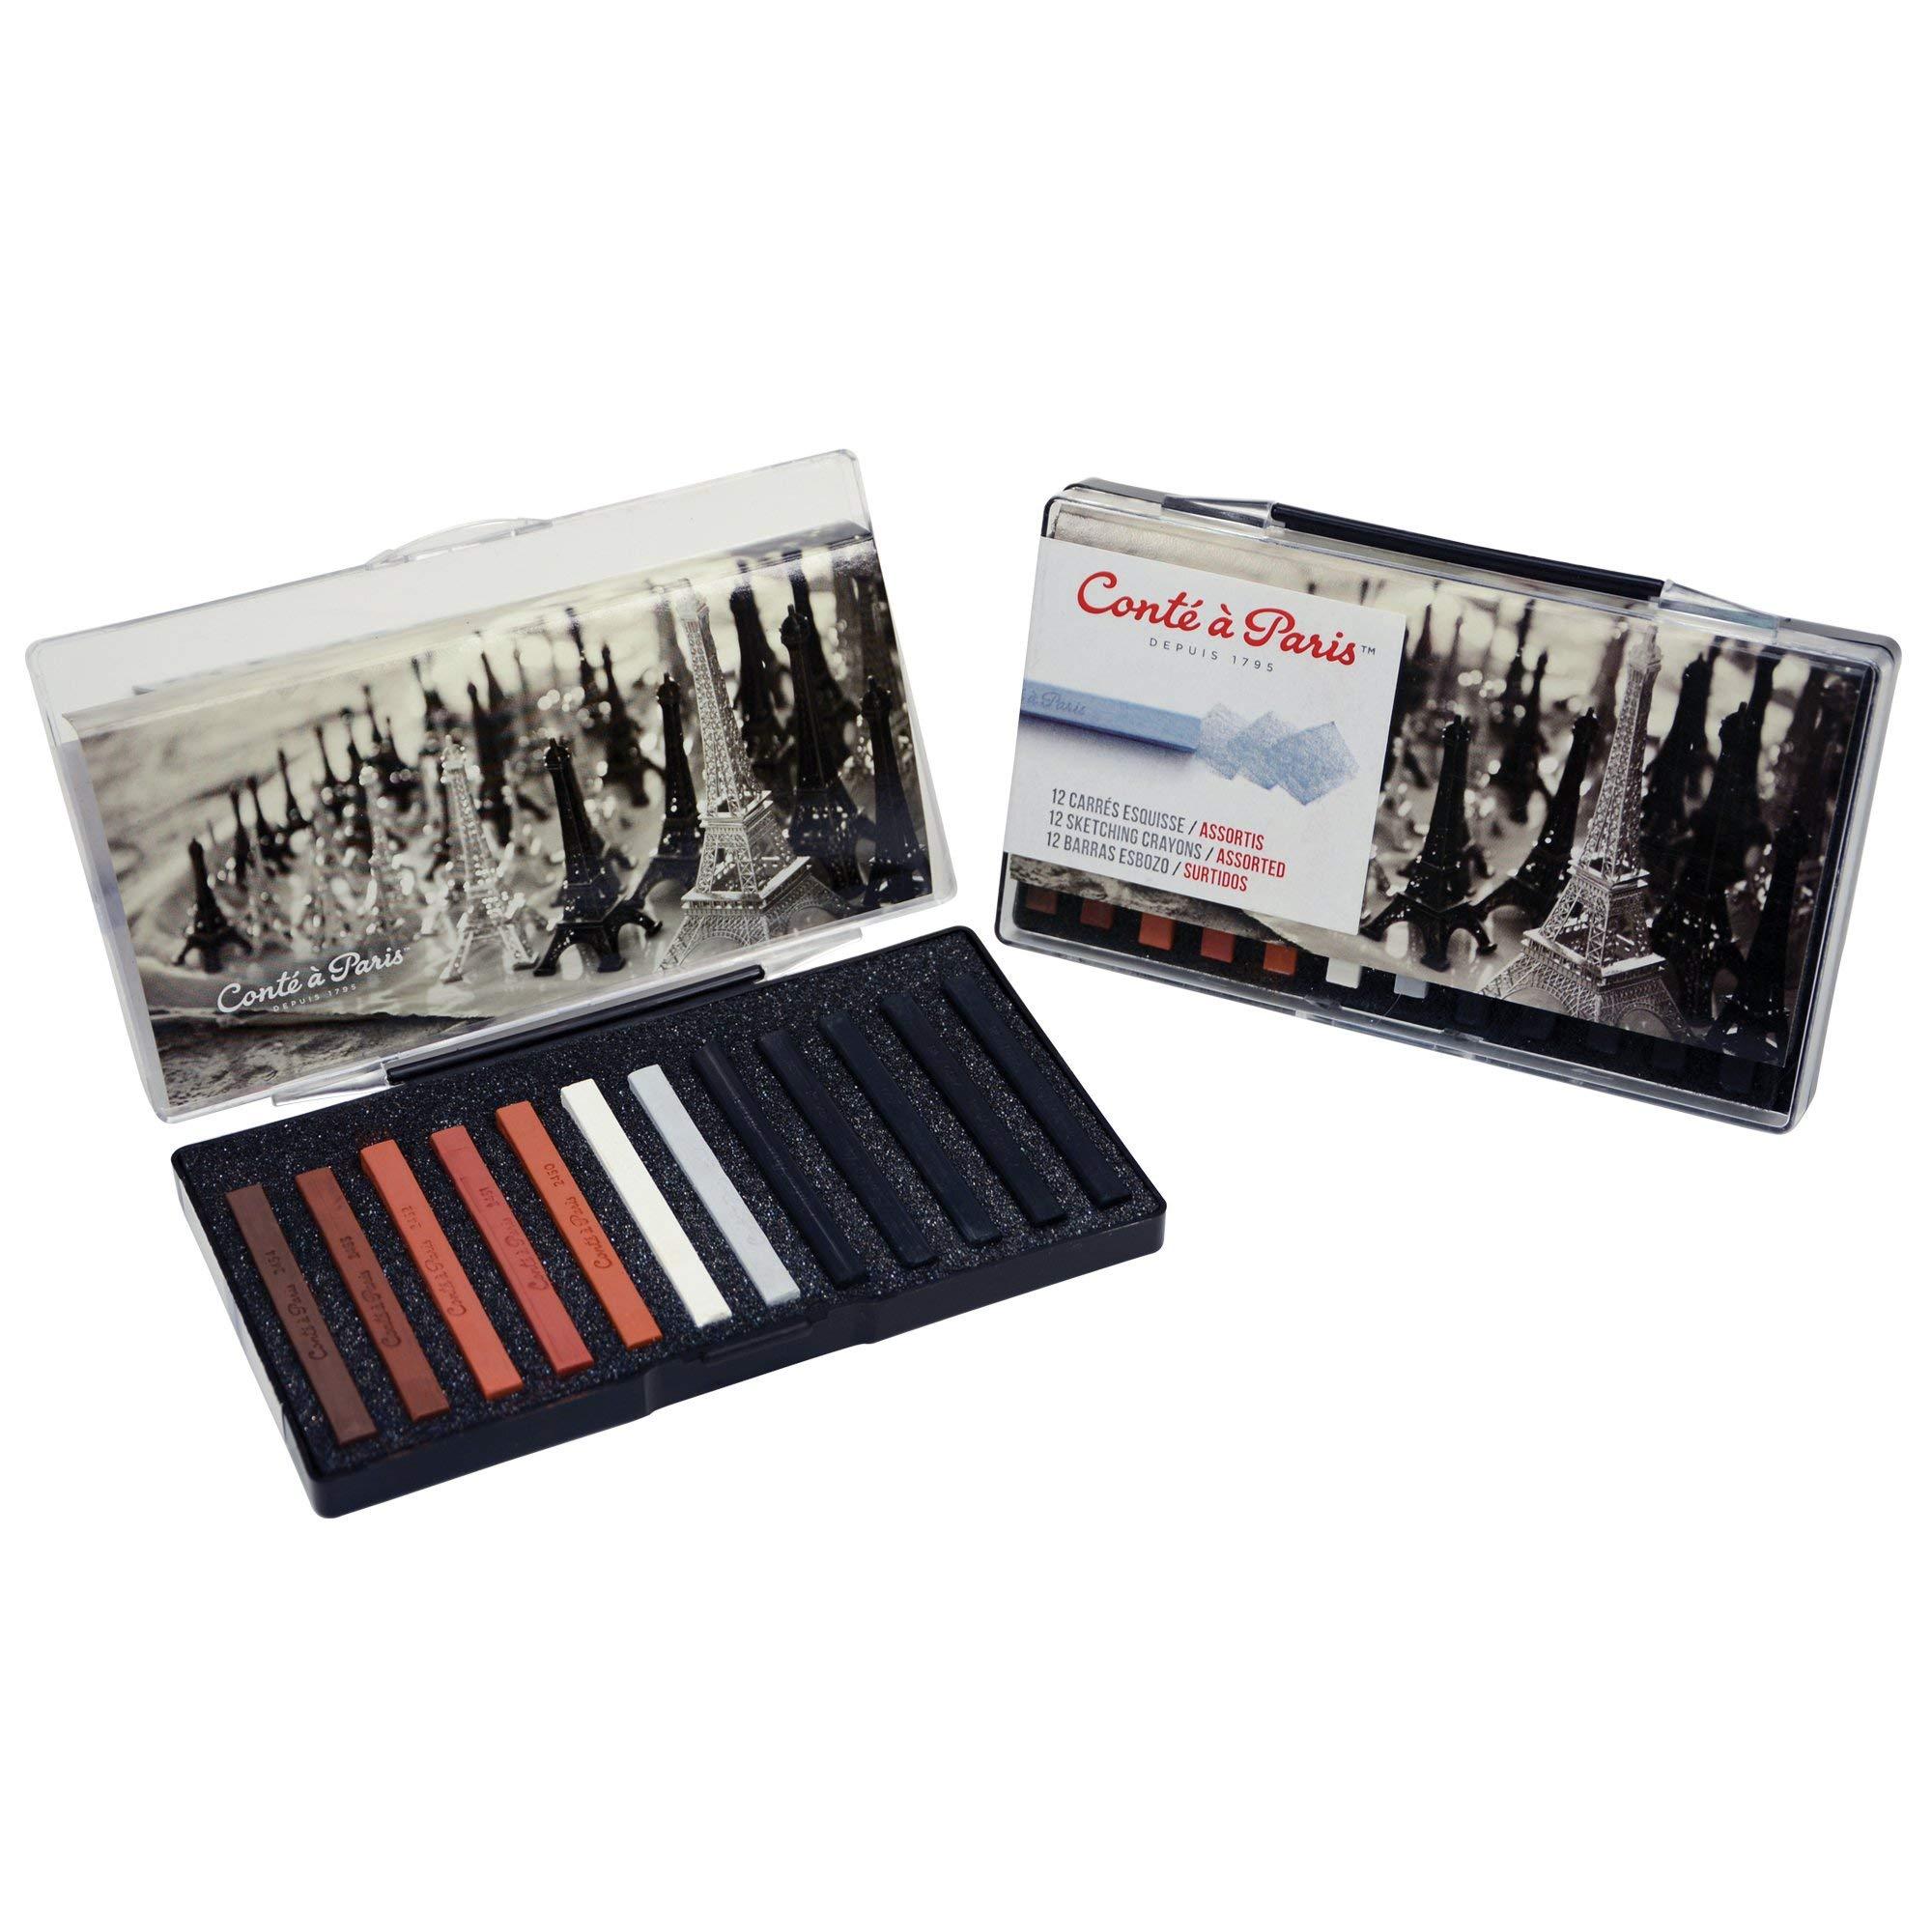 Conté à Paris Sketching Crayons Set with 12 Assorted Colors by Cont  Paris (Image #3)